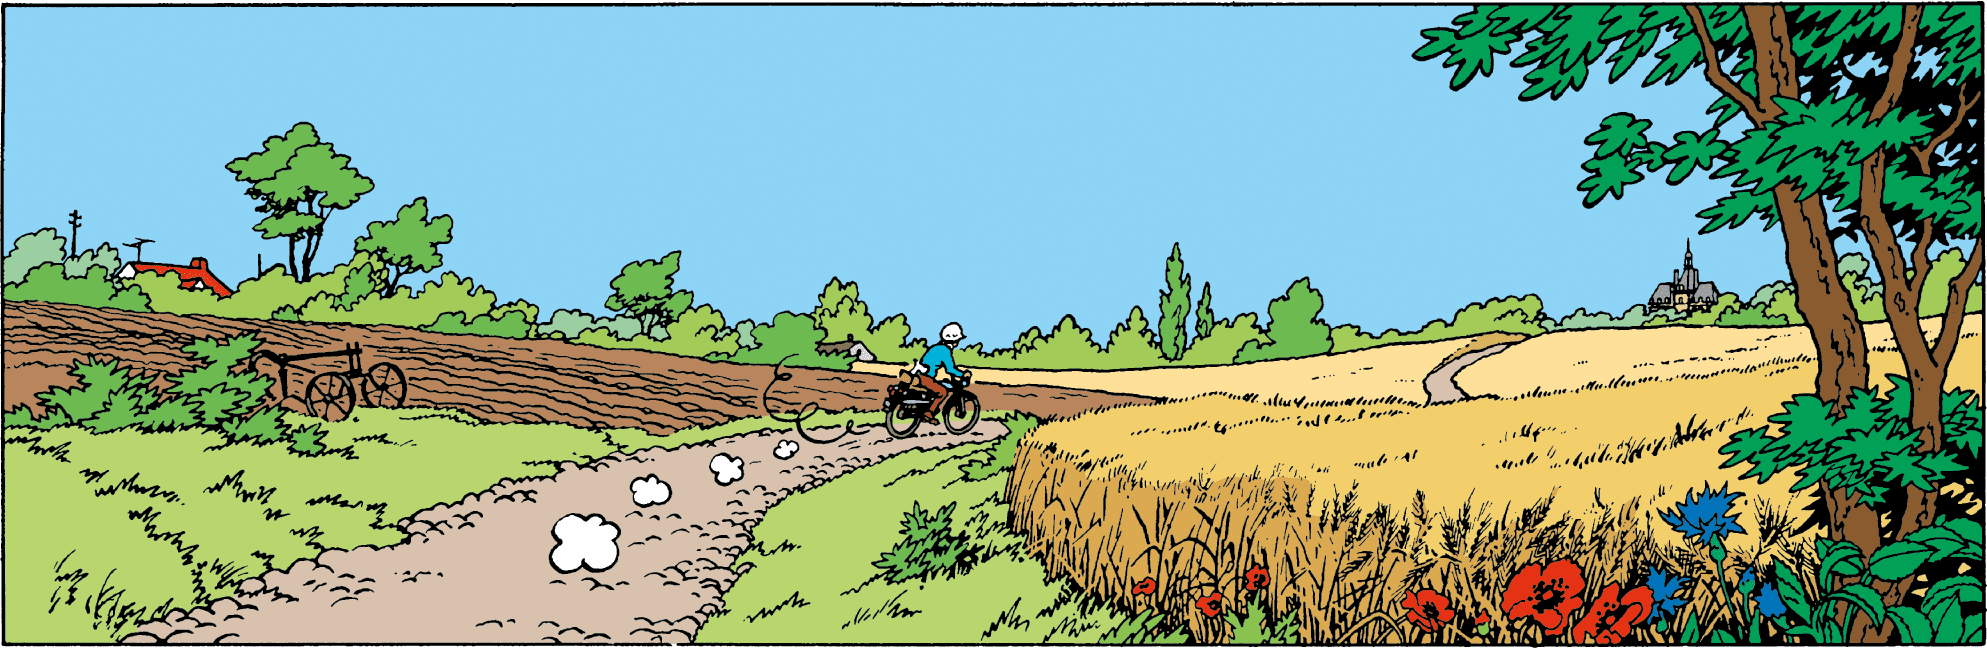 Tintin - Les Aventures de Tintin - Tintin et les Picaros